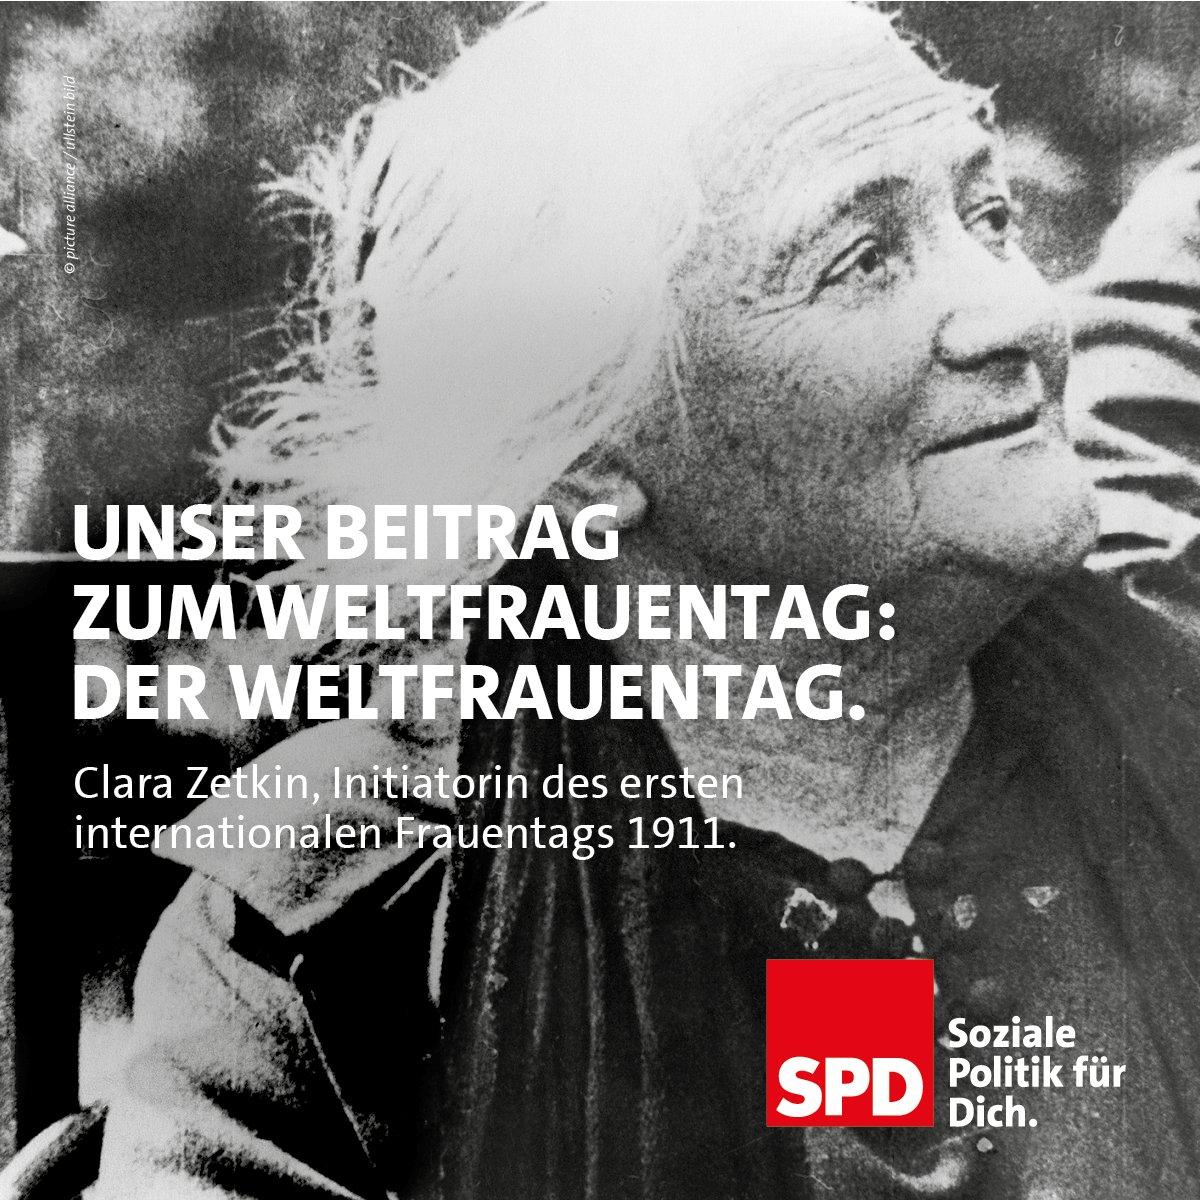 1911 erscheint in der von Clara Zetkin herausgegebenen Zeitung Die Gleichheit ein Aufruf, sich aktiv am ersten Internationalen Frauentag zu beteiligen. Eine Millionen Menschen folgen in 🇩🇪, 🇦🇹, 🇩🇰 und 🇨🇭 dem Aufruf, den sowohl die SPD als auch die Gewerkschaften unterstützen.